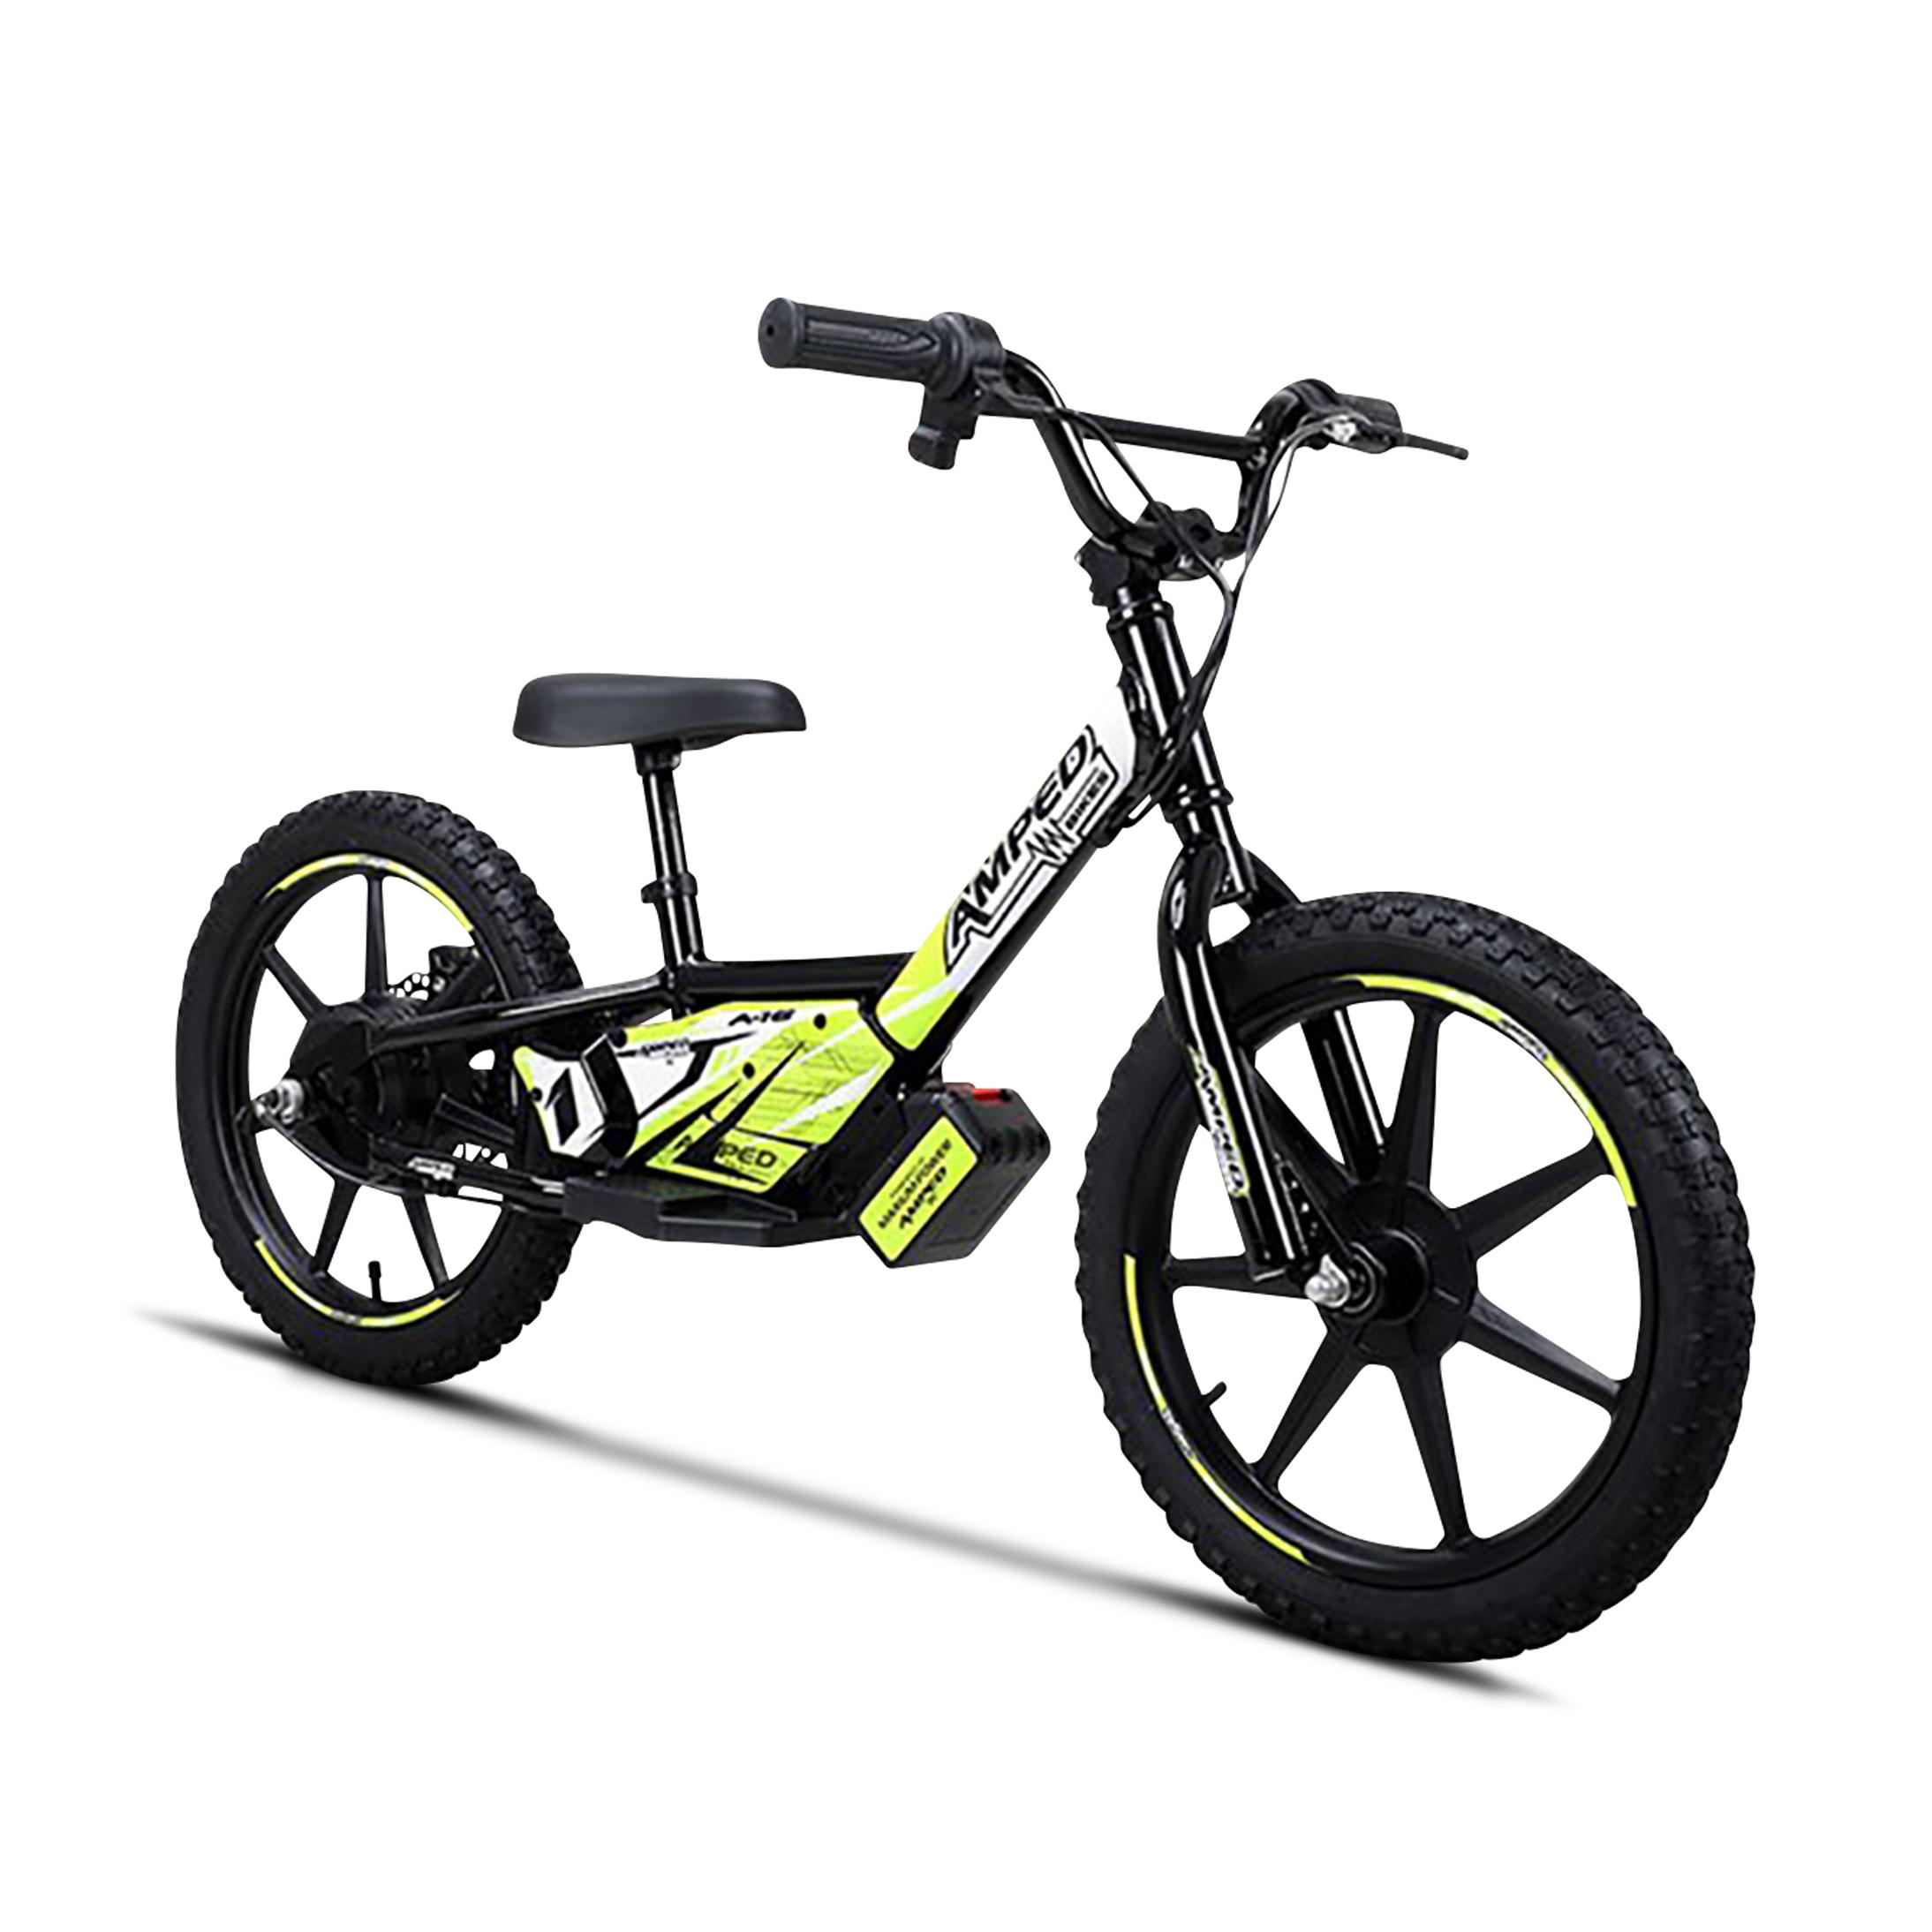 amped bici elettrica senza pedali  a16 nera